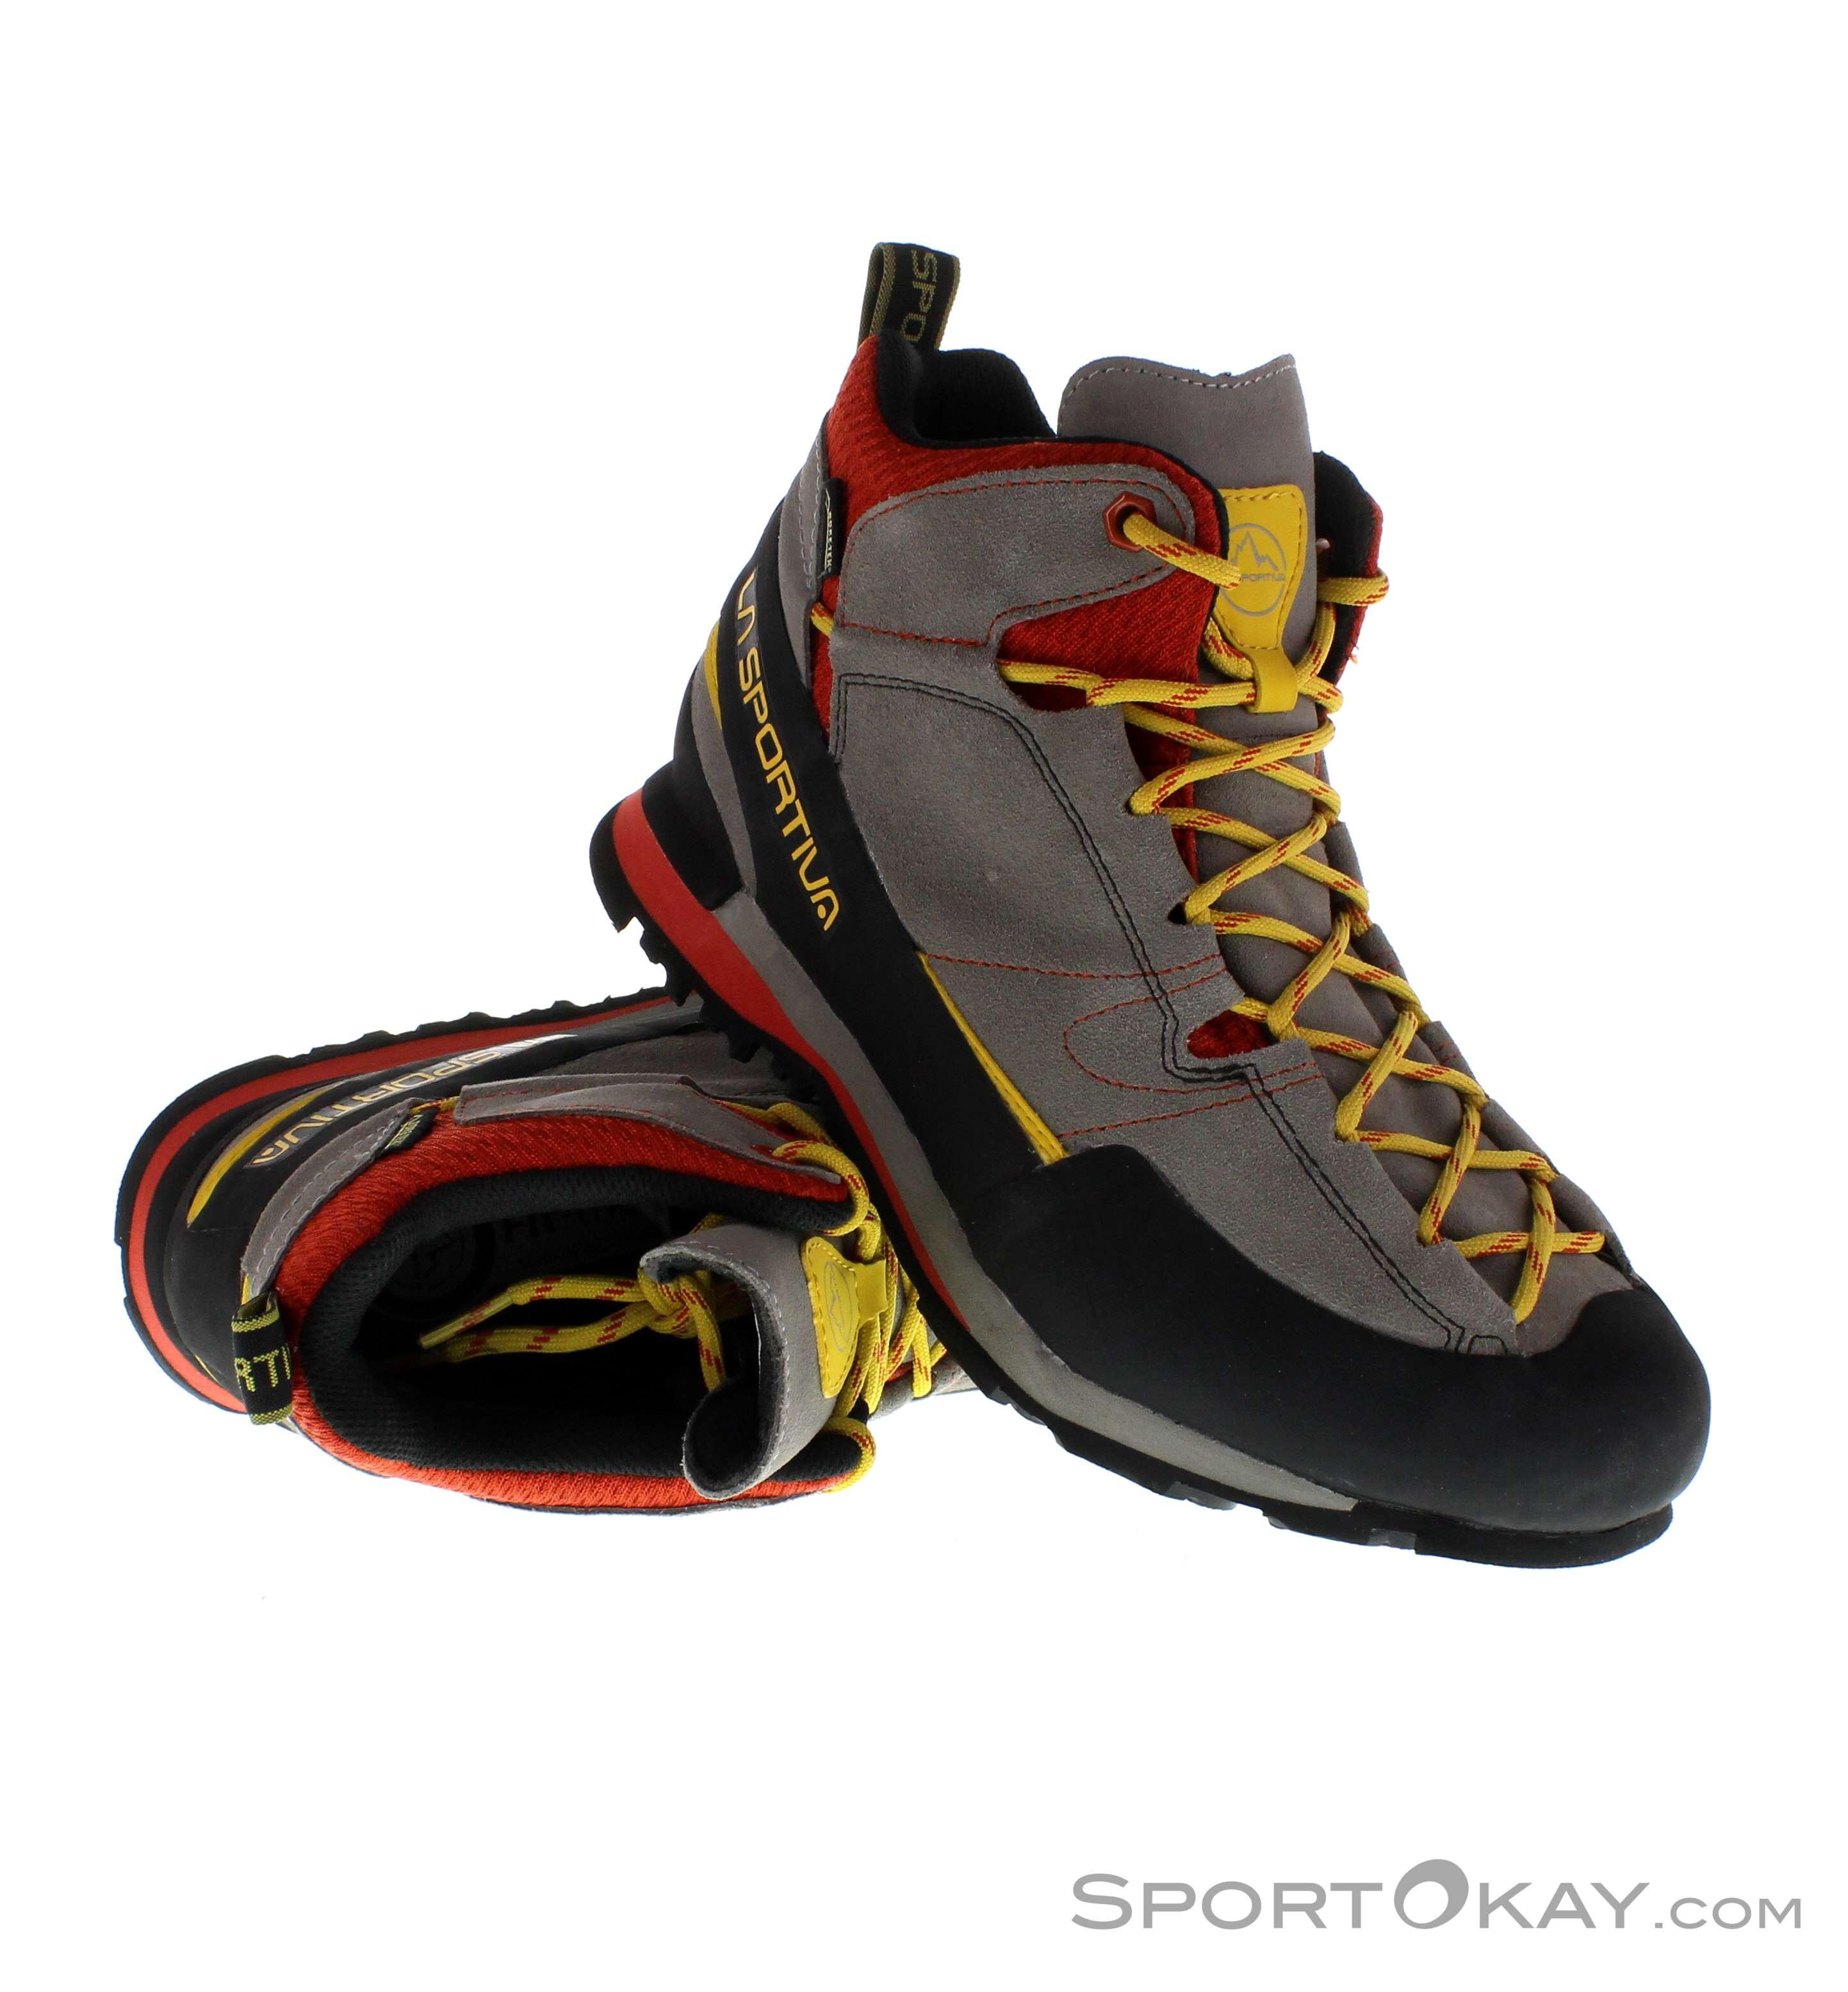 La Sportiva Boulder X Mid Uomo Scarpe Gore-Tex - Scarpe da ... ae070f2a58e